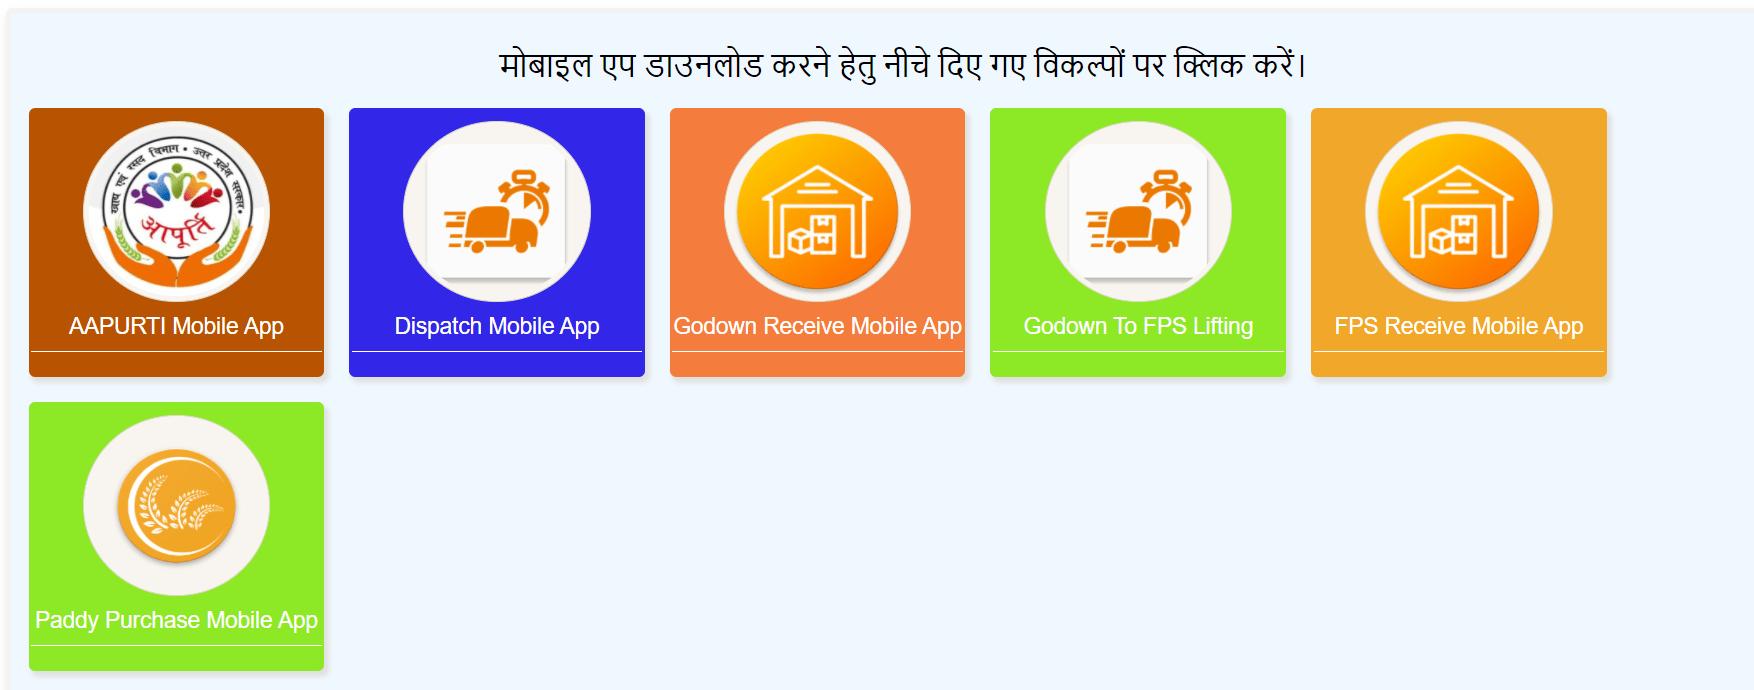 UP ration card mobile app download karein